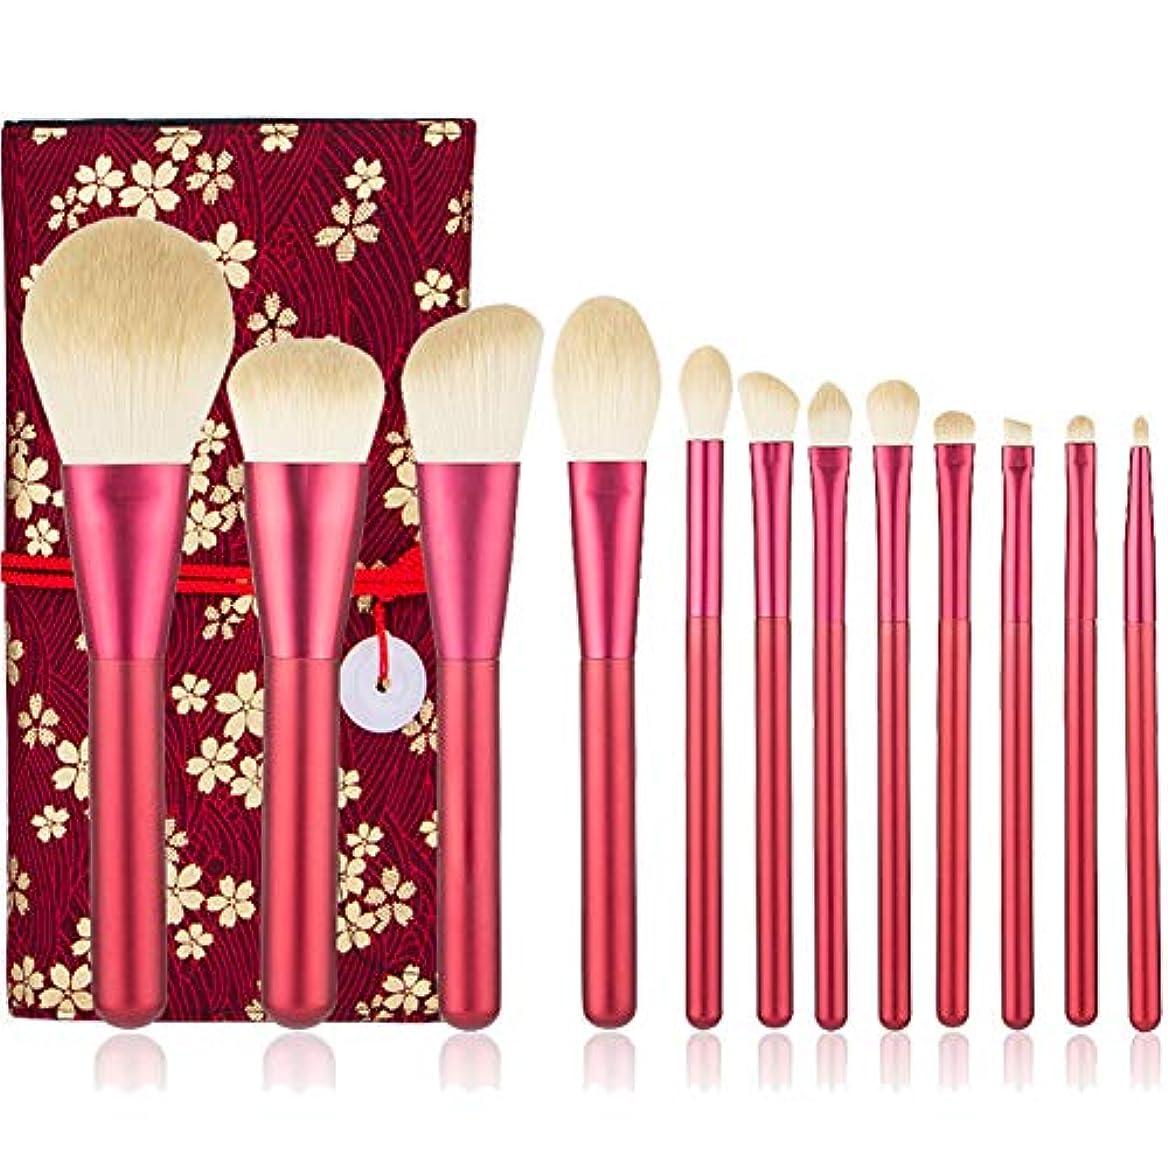 スライム直径書くAEDO メイクブラシ セット&高級天然毛メイクブラシセット 化粧ブラシセット メイクブラシ 化粧筆 化粧ブラシ 専用ブラシセット化粧ポーチ付 (赤)